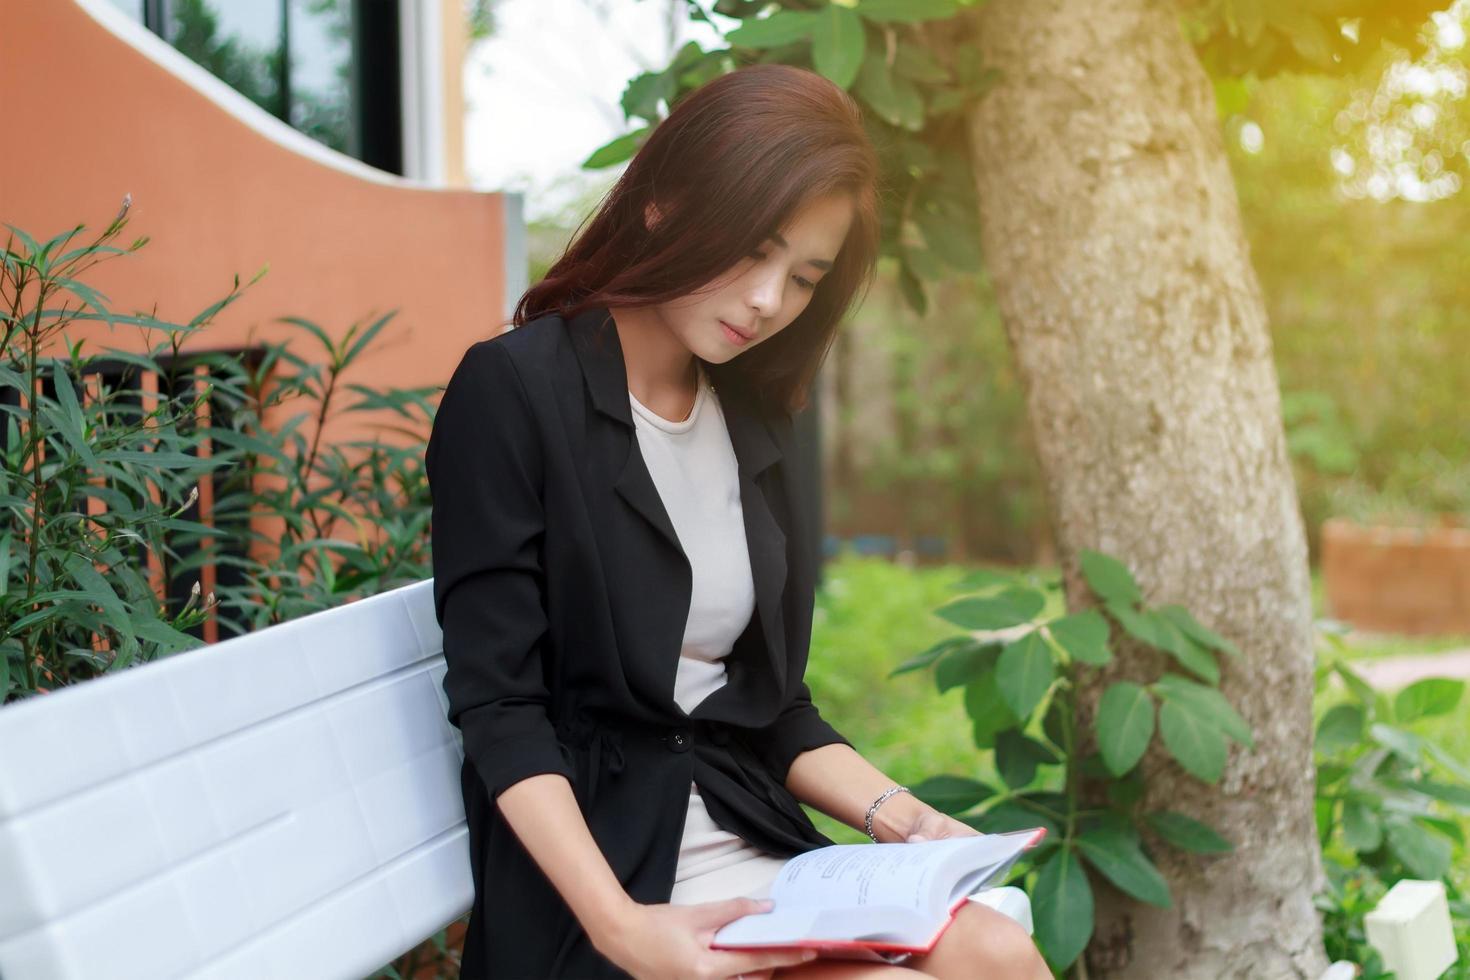 asiatische Frau, die draußen ein Buch liest foto